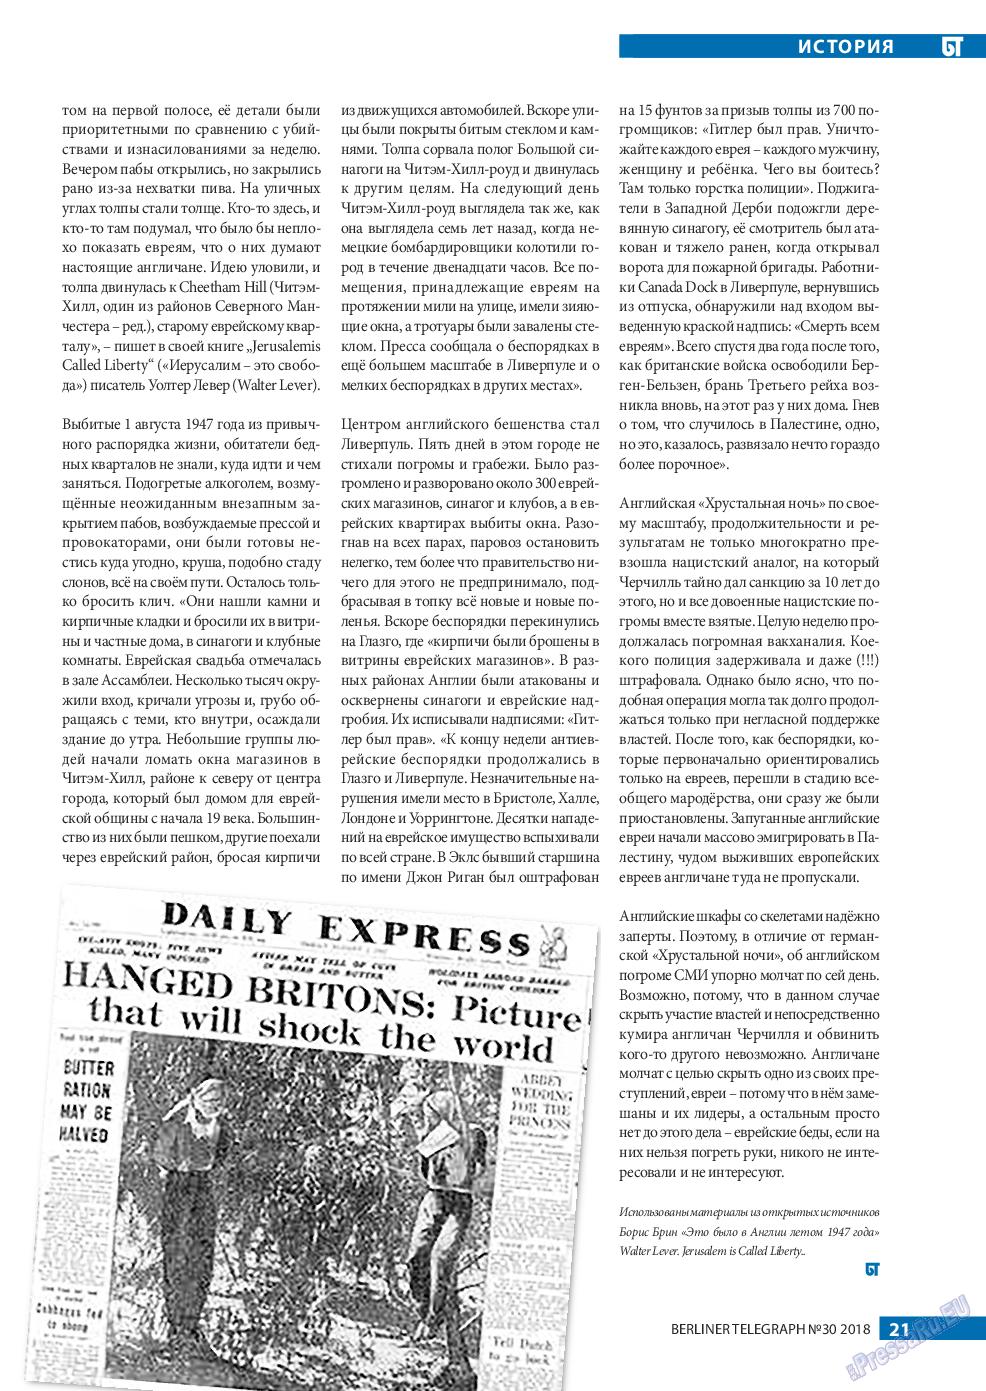 Берлинский телеграф (журнал). 2018 год, номер 30, стр. 21